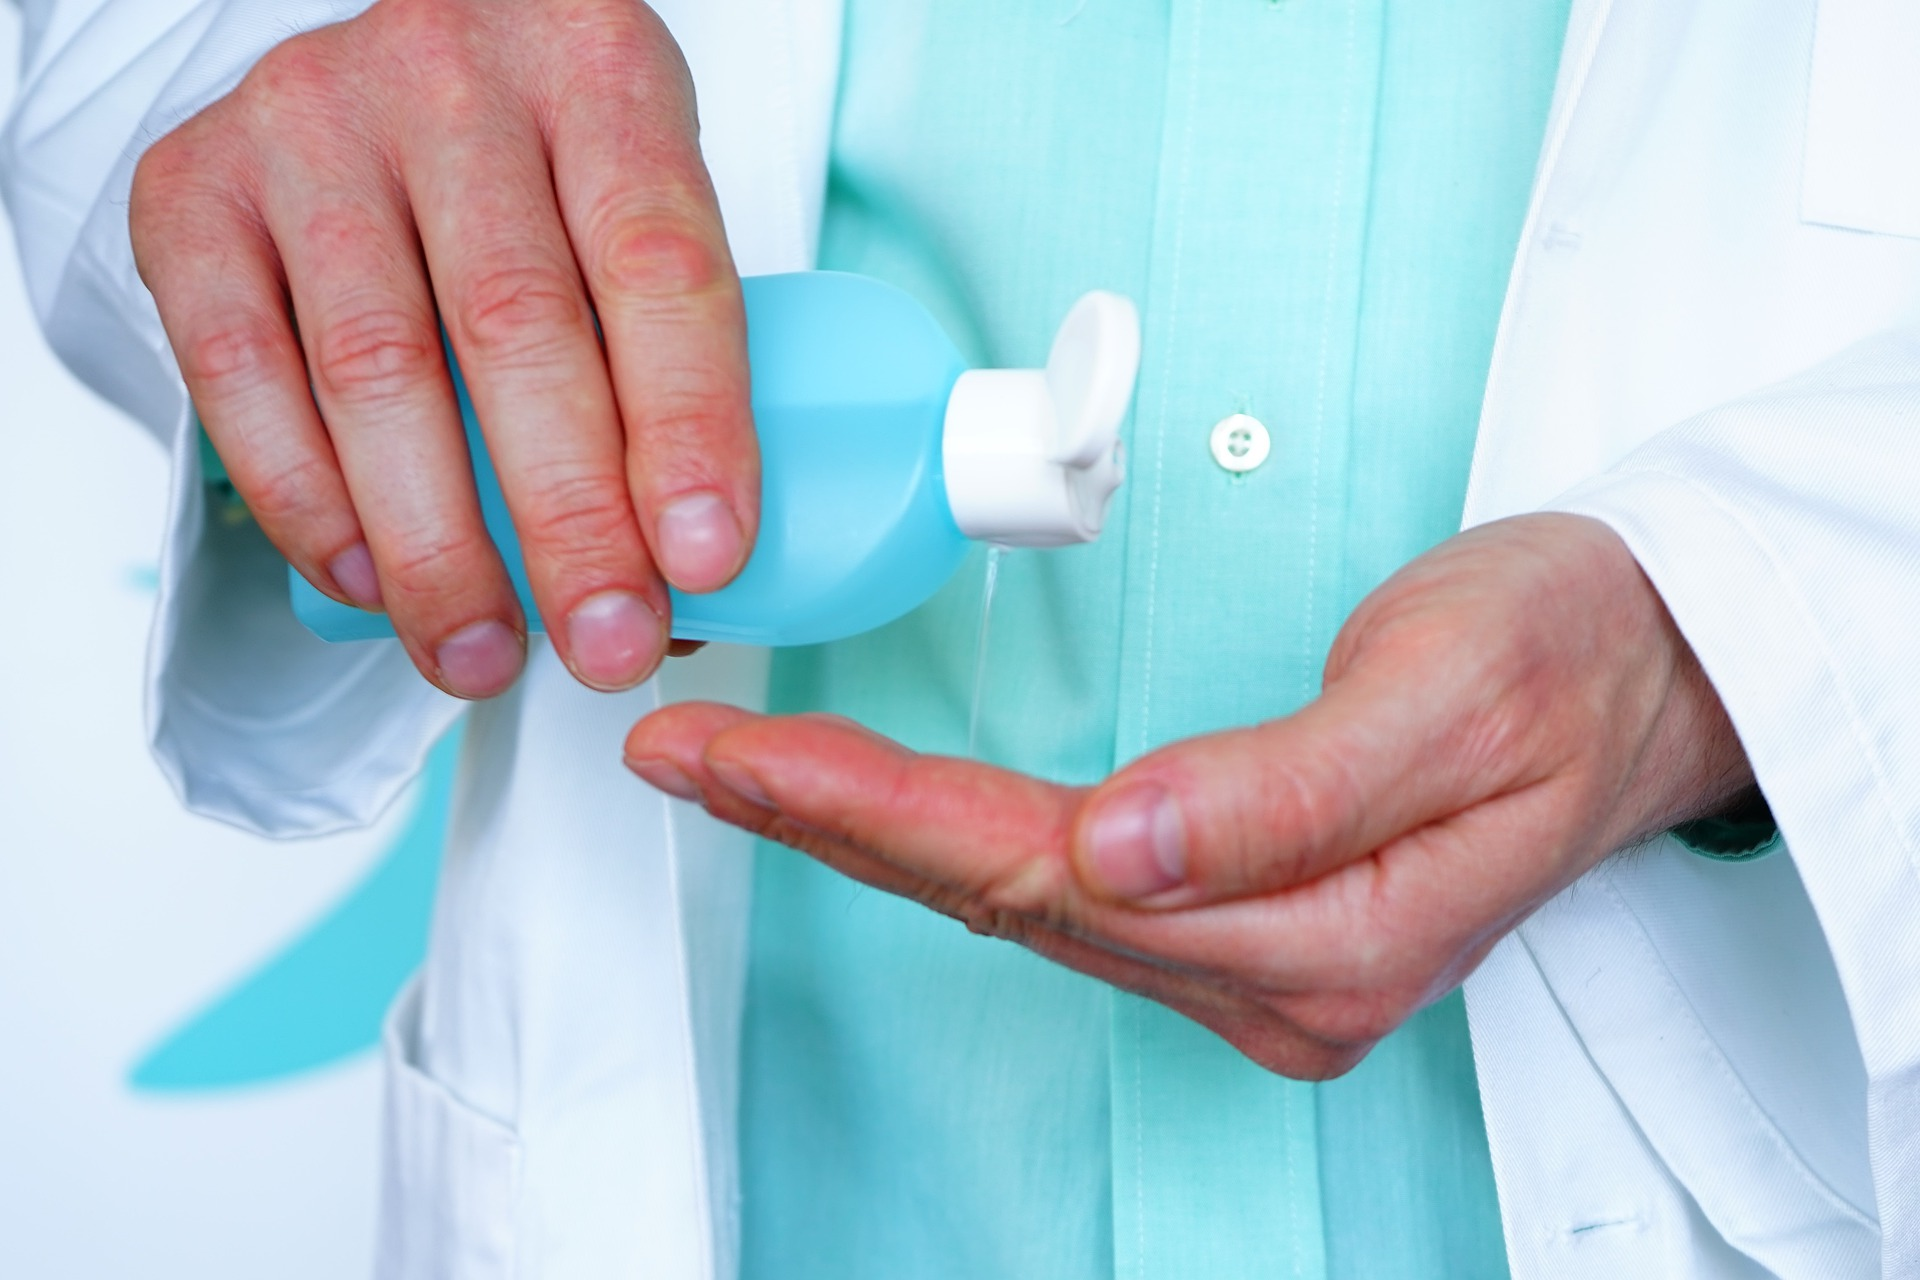 Kündigung wegen Entwendens von Desinfektionsmittel rechtmäßig